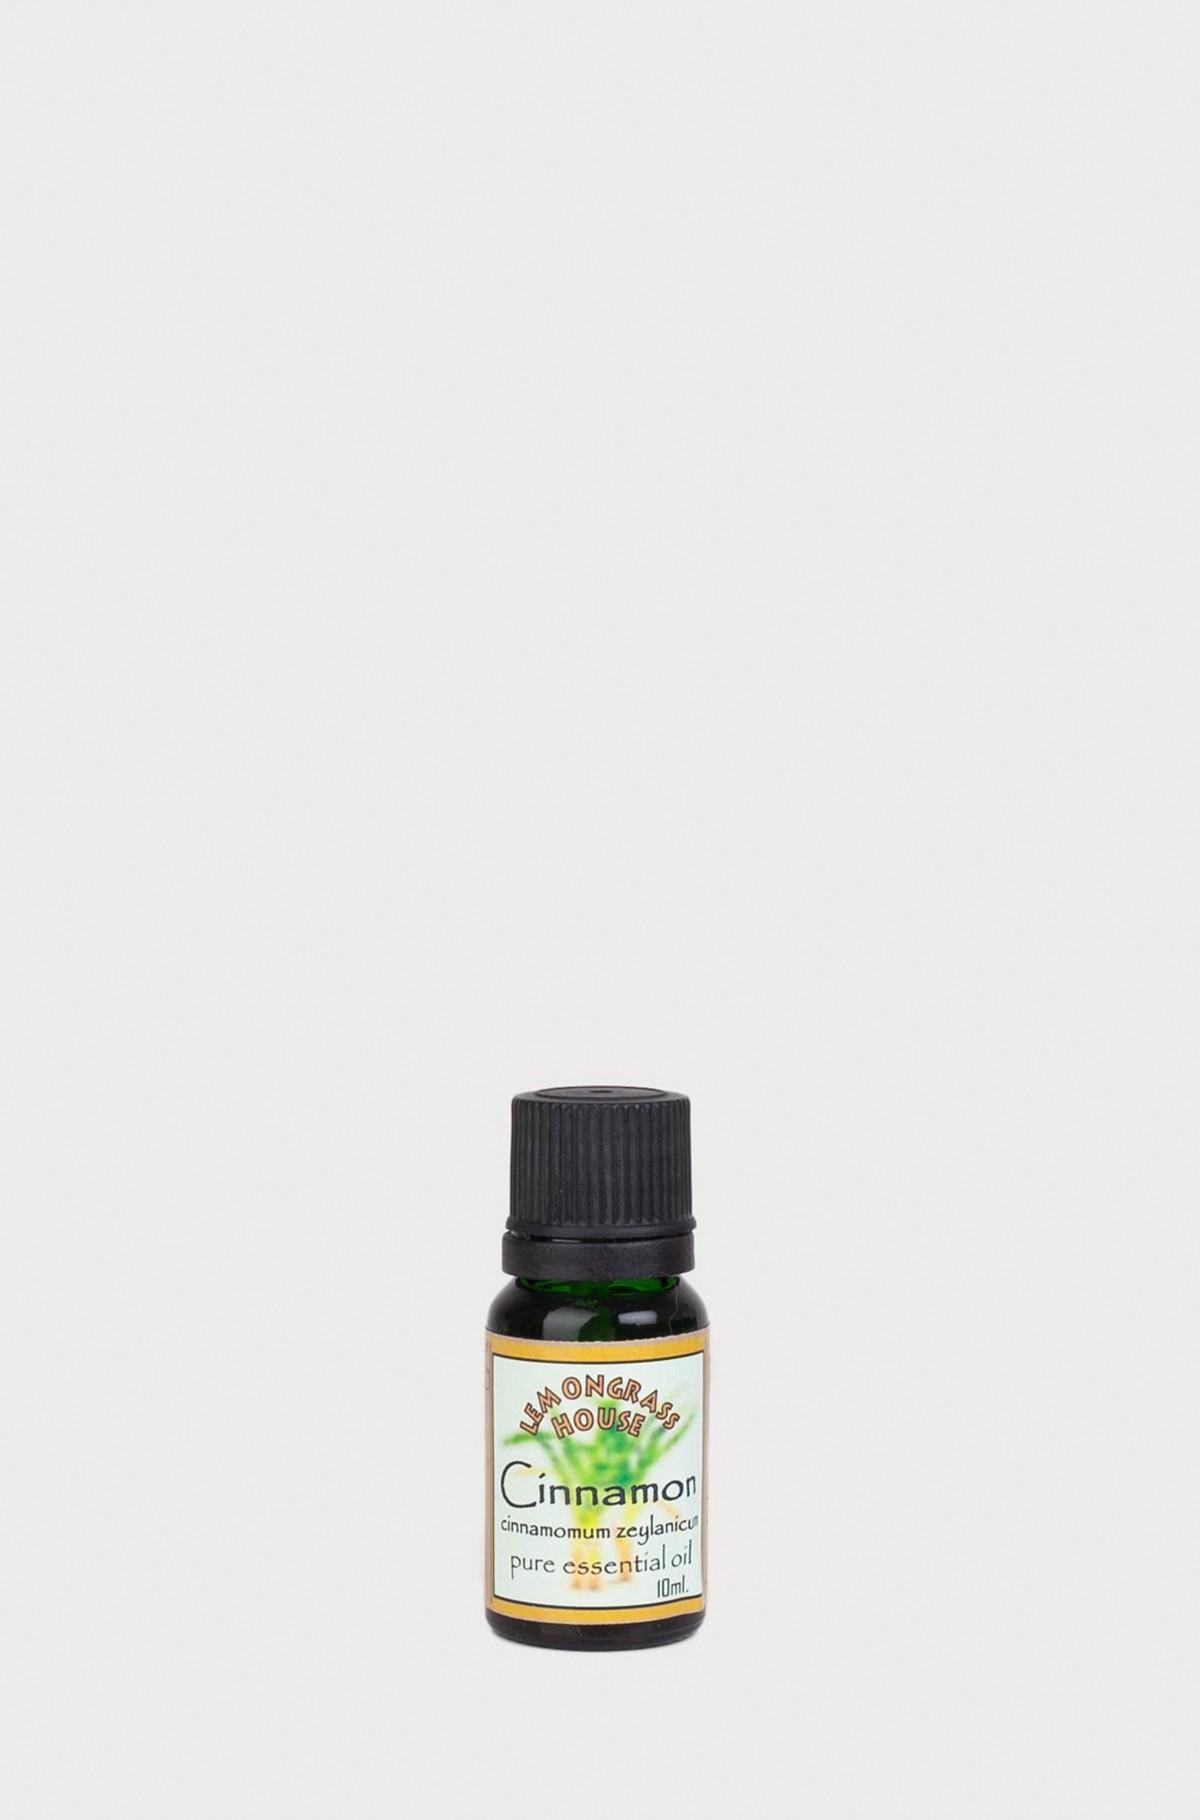 Eeterlik õli Cinamon 10ml-full-1